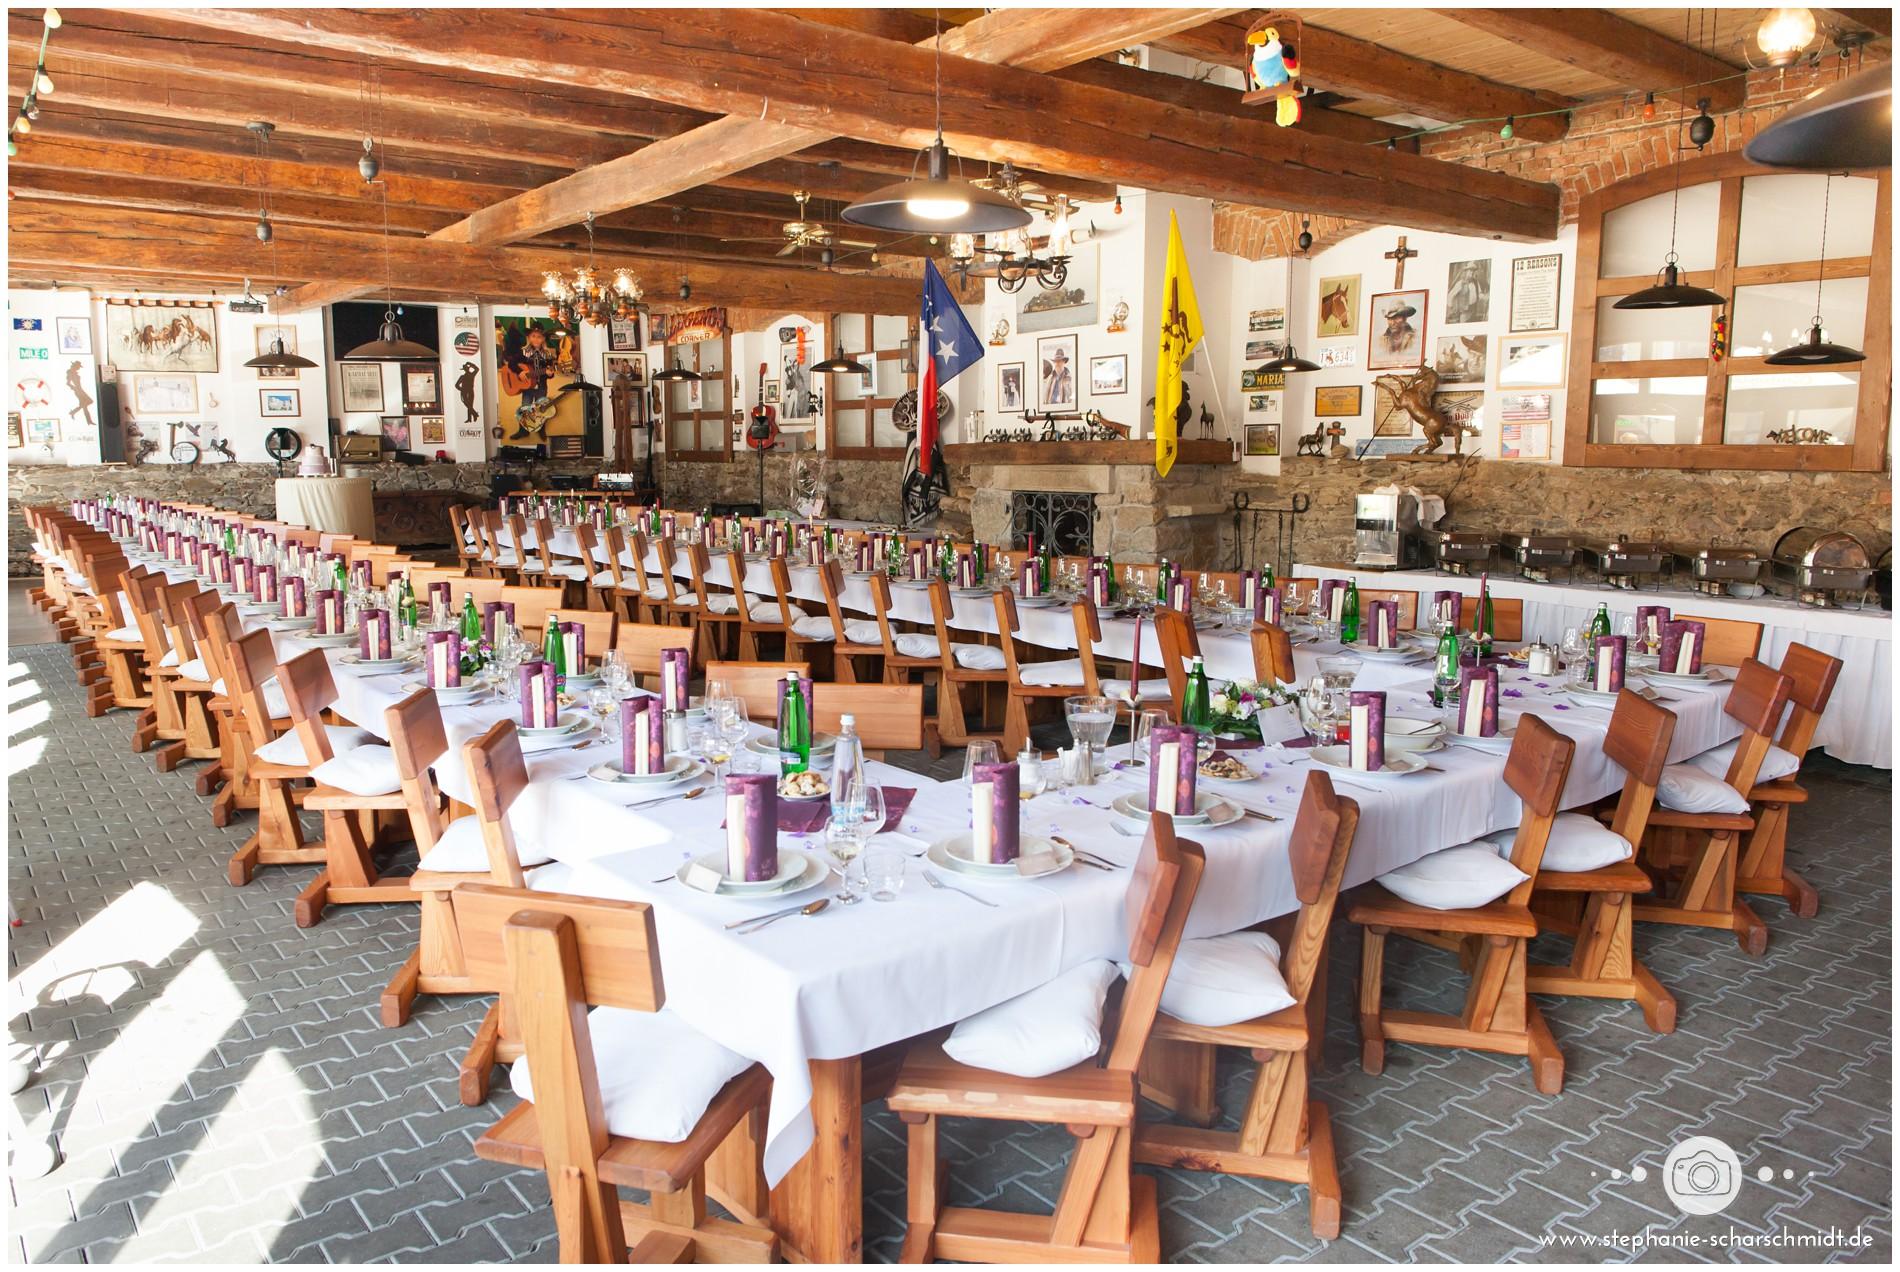 Hochzeit im Resort Stein bei Cheb in Tschechien-_englischsprachiger-hochzeitsfotograf-stephanie-scharschmidt